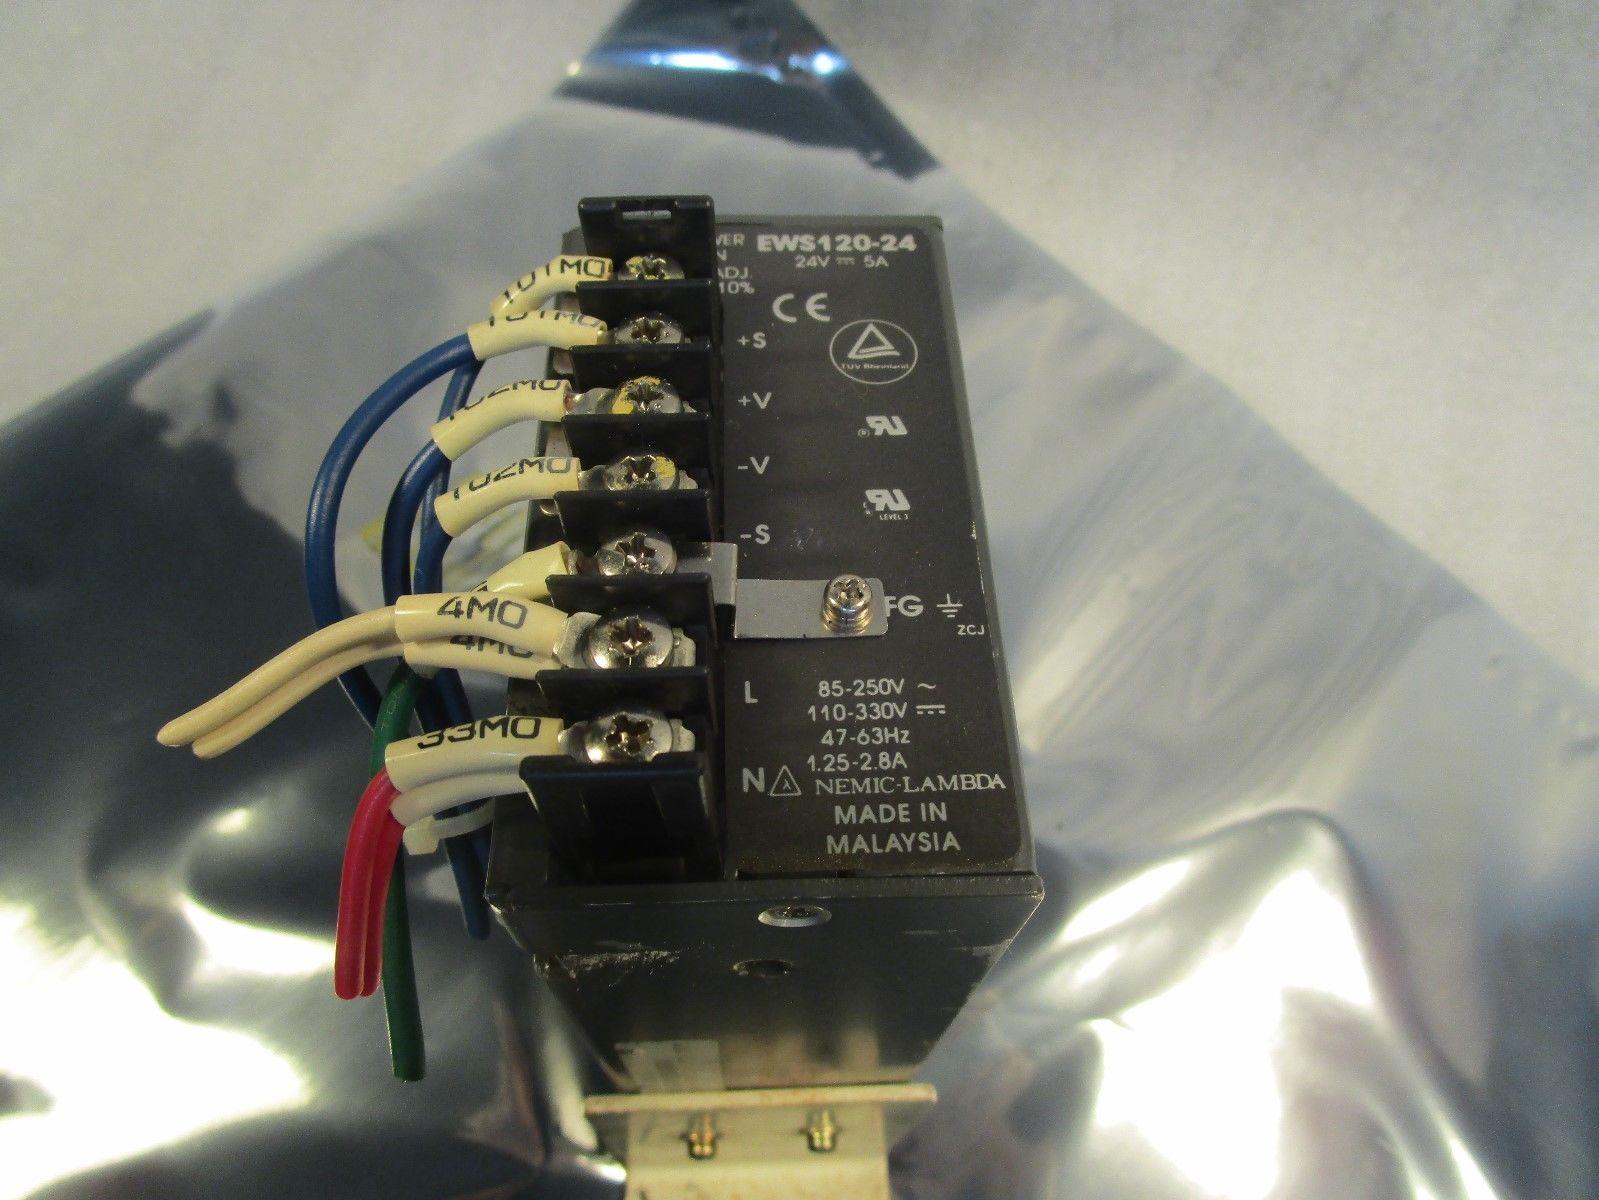 Nemic-Lambda 24 Volt Model EWS-120-24 5 Amps 100-120V or 200-240 V Input Power